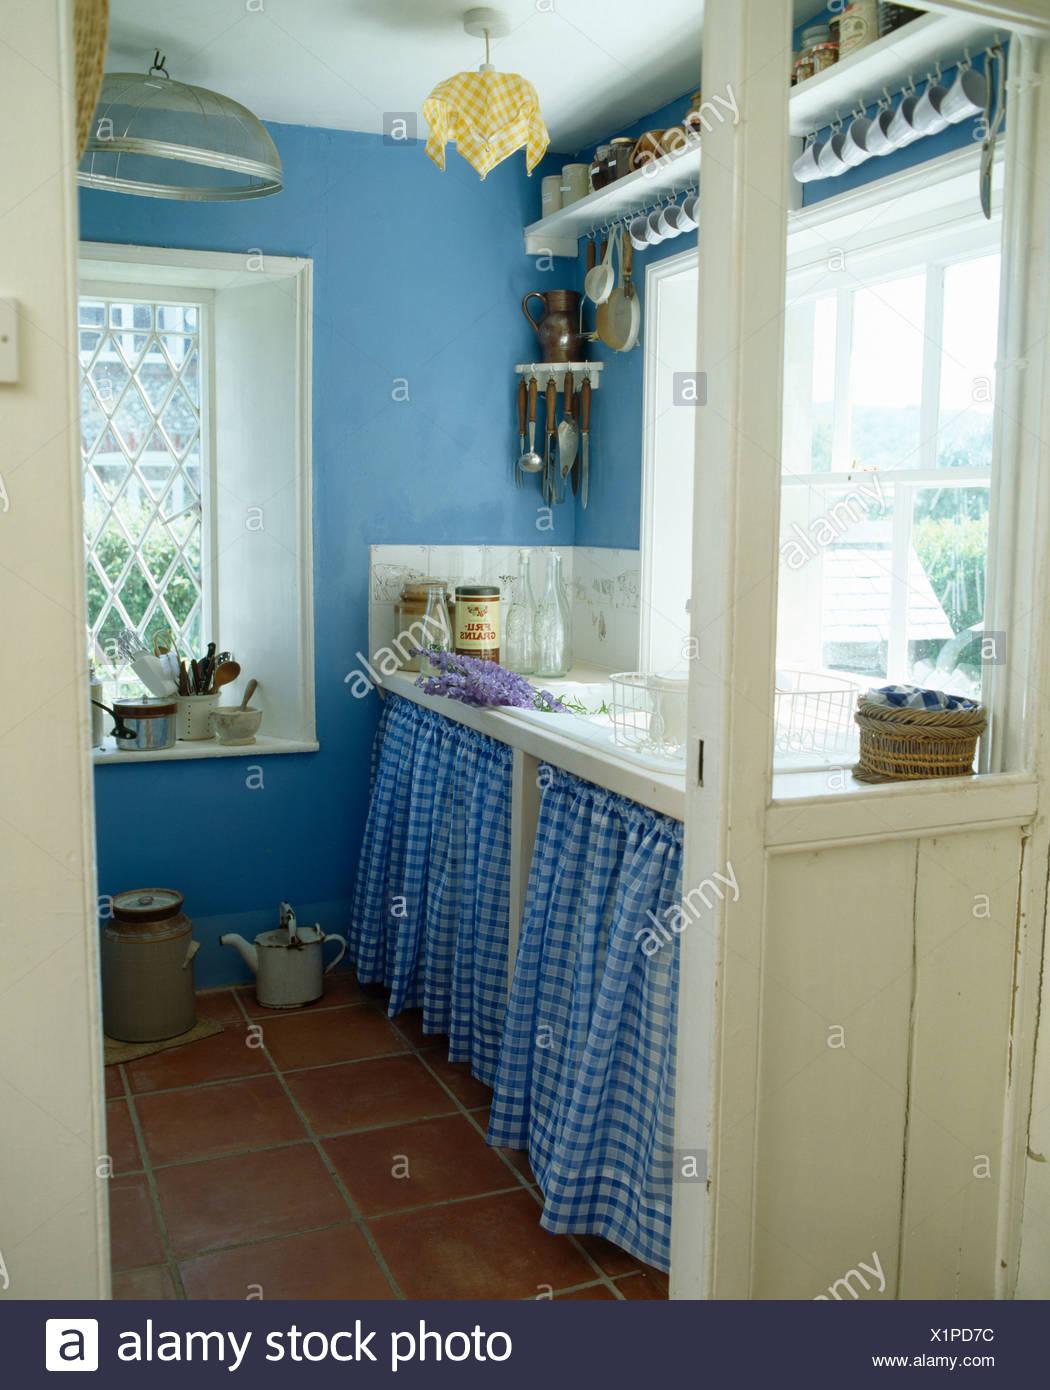 Full Size of Schrank Für Küche Blaue Aufgegebenes Vorhnge Auf Unter Waschbecken Im Lampen Badezimmer Hochschrank Weiß Bodenbelag Spritzschutz Plexiglas Led Deckenleuchte Wohnzimmer Schrank Für Küche